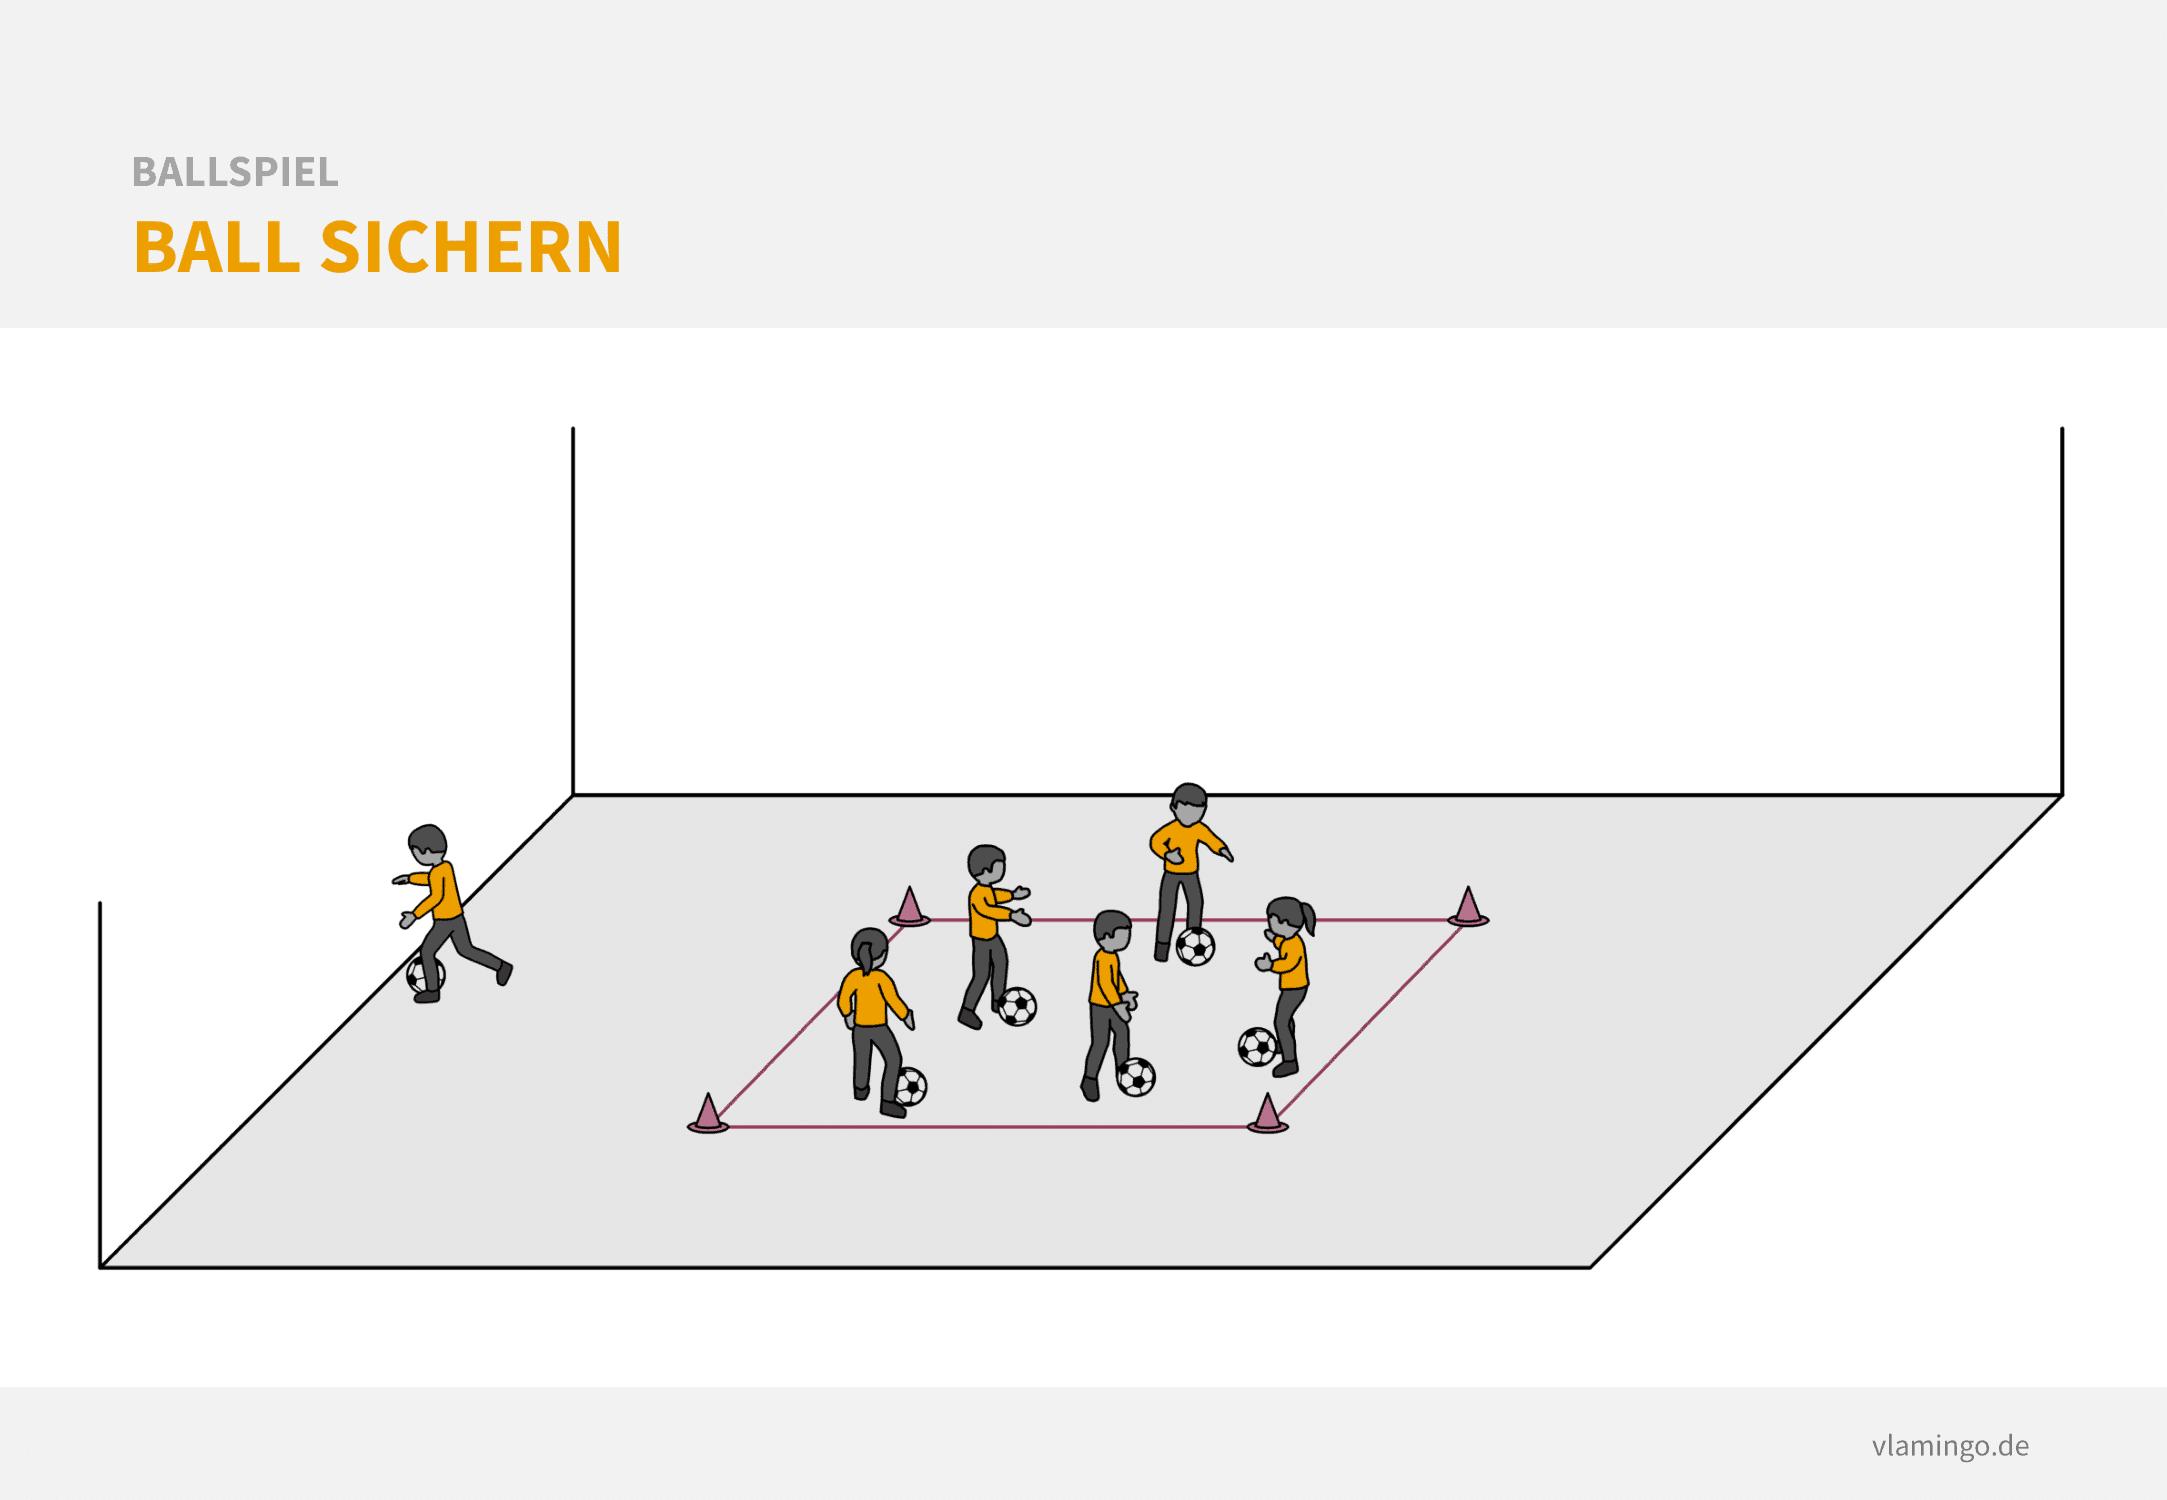 Fußball Aufwärmspiel: Ball sichern